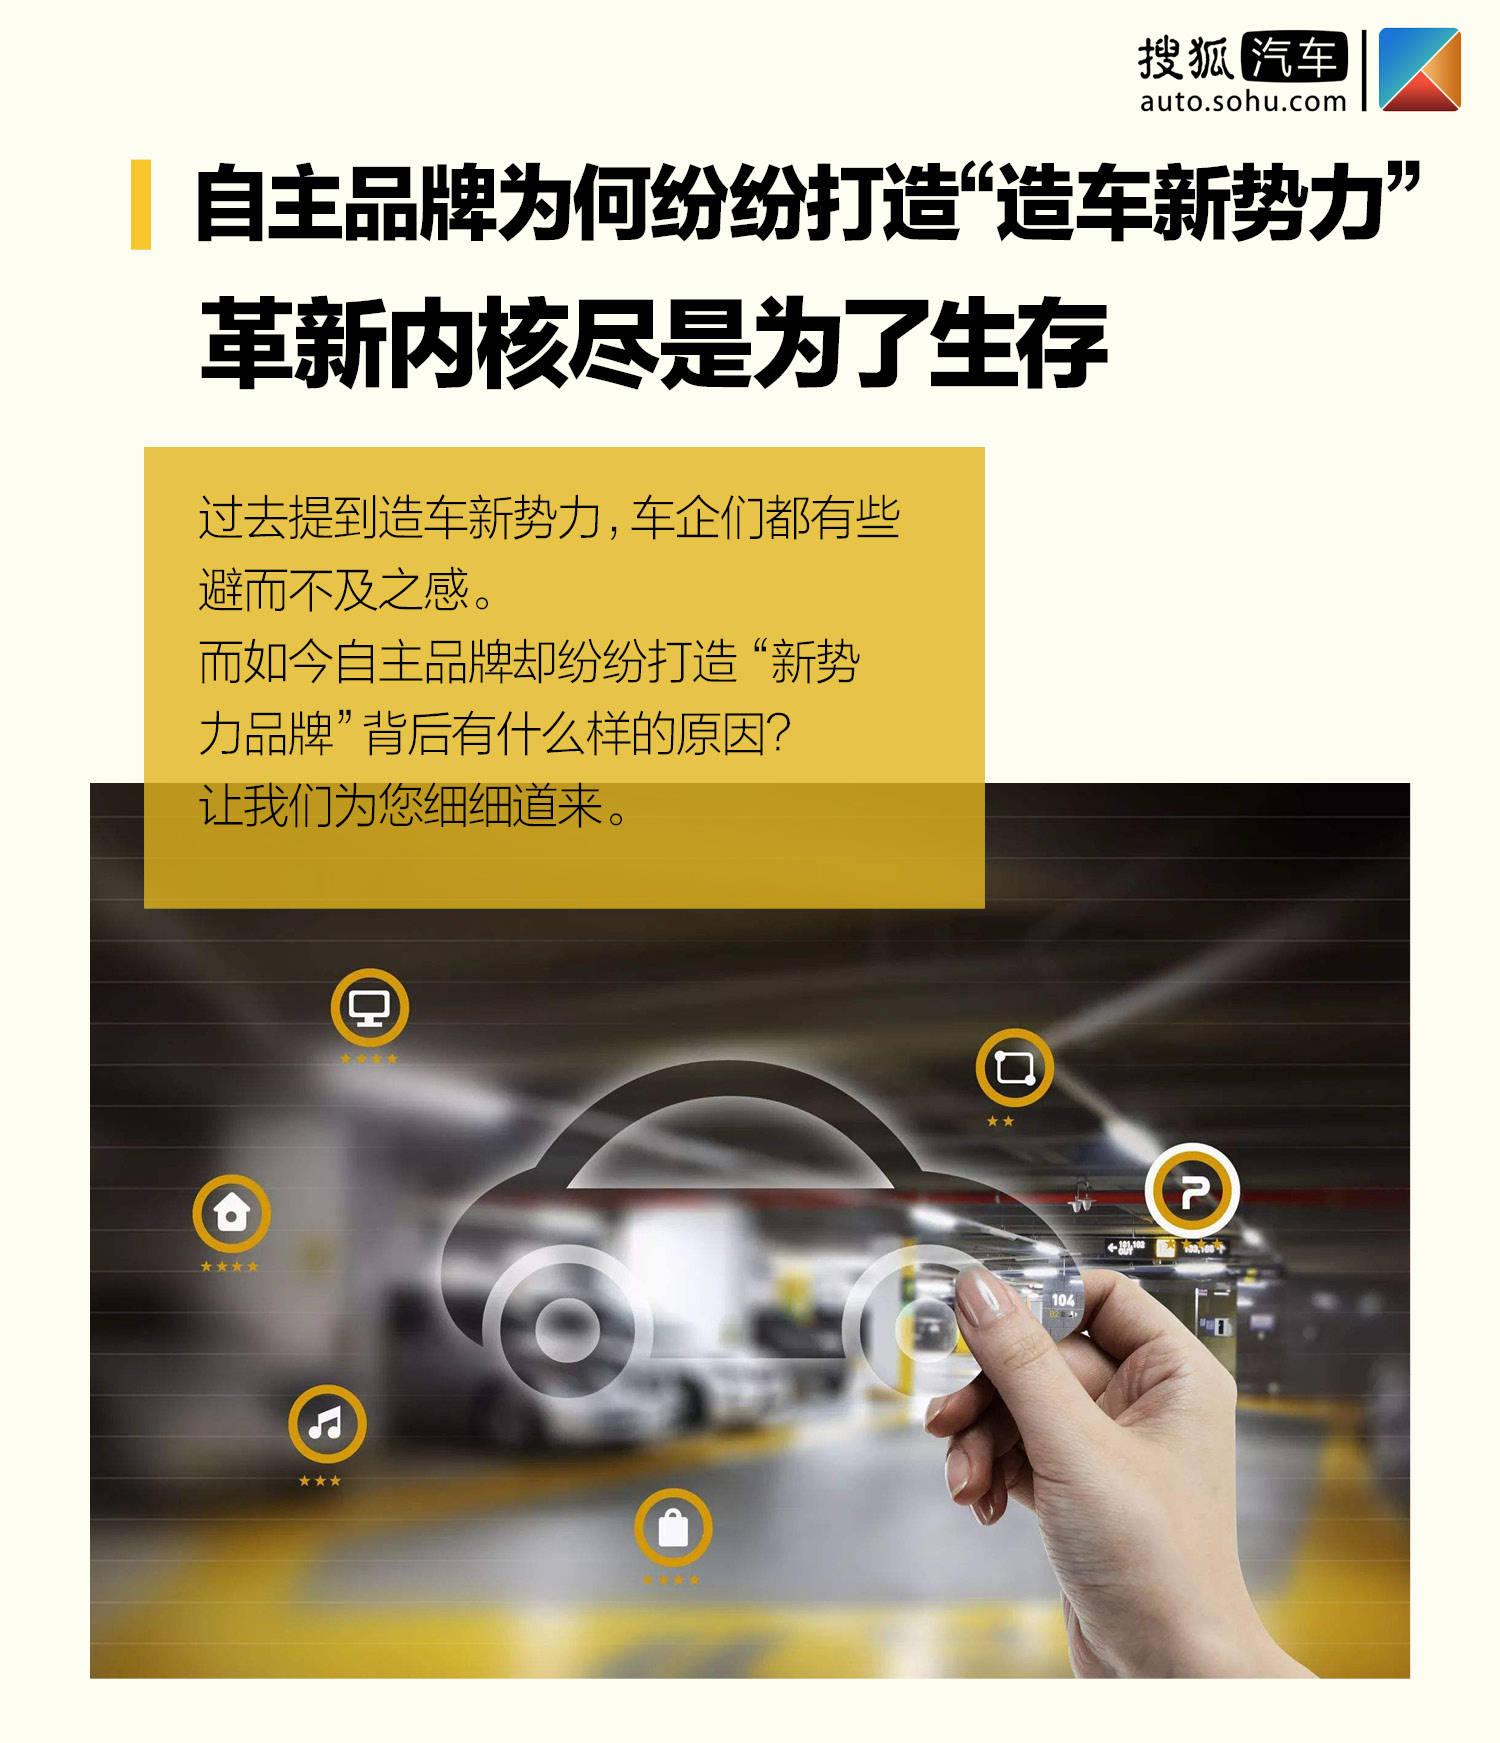 """原创自主品牌为什么要打造""""造车新势力""""?创新核心就是生存"""